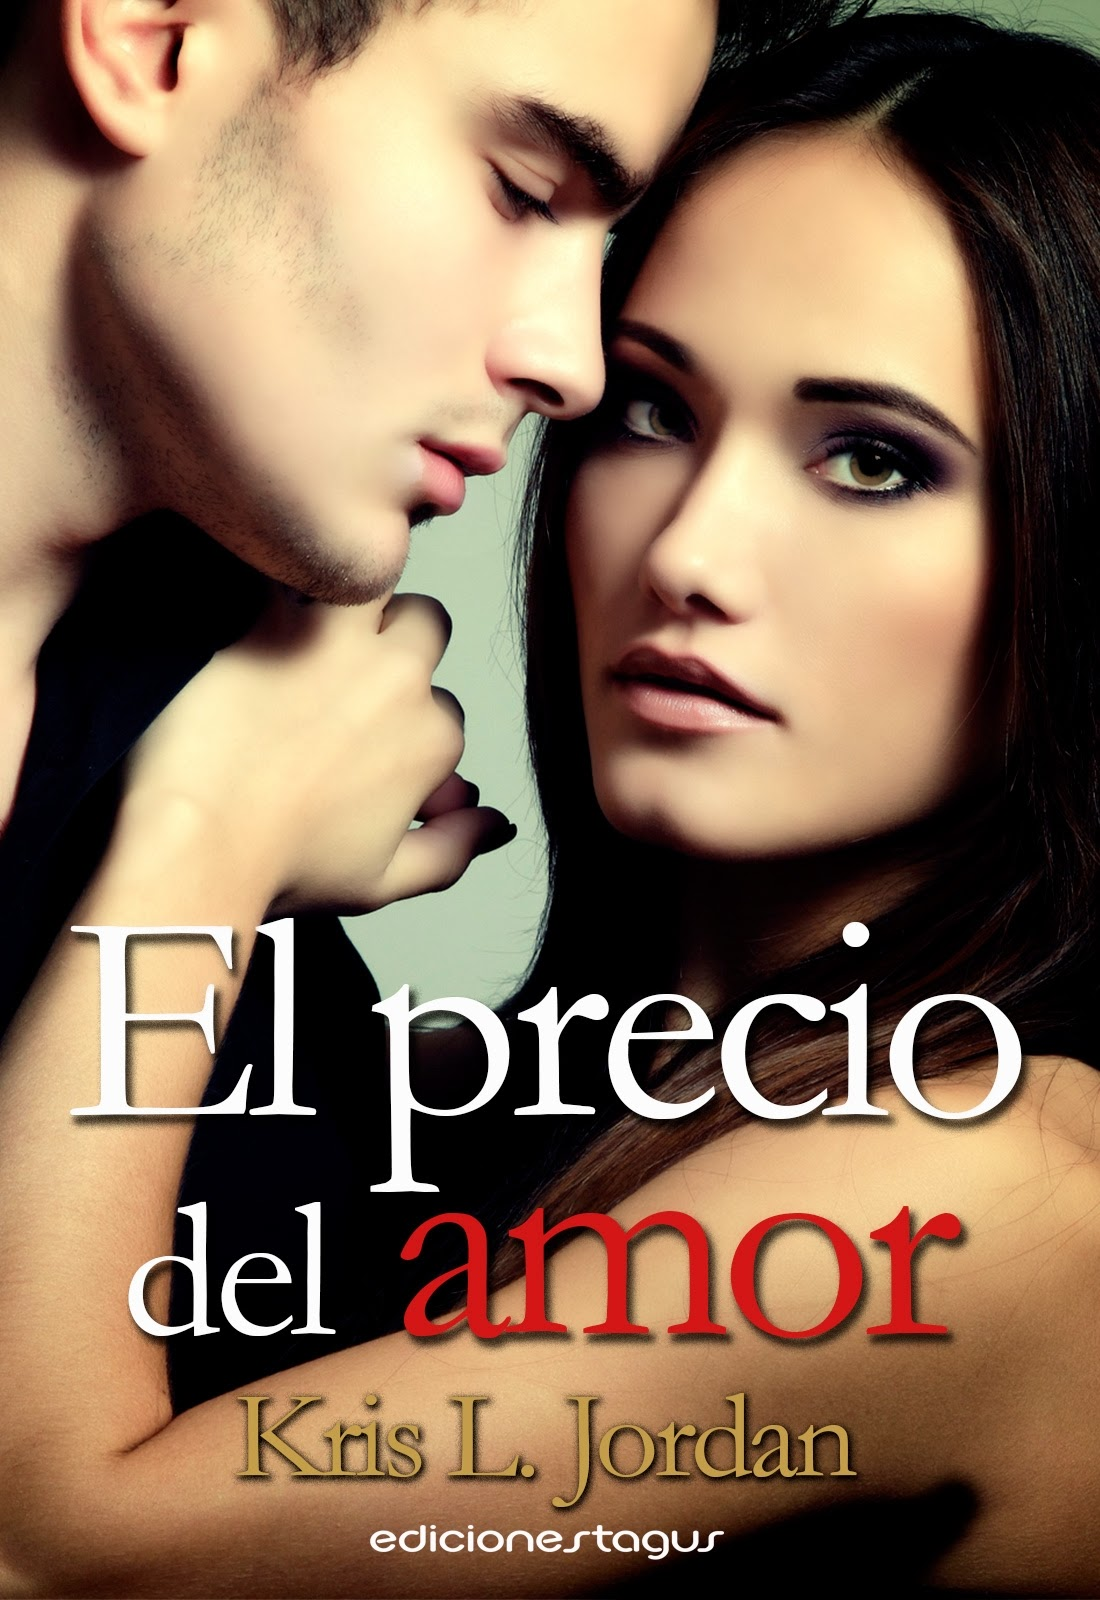 http://www.casadellibro.com/ebook-el-precio-del-amor-ebook/9788415623526/2297205